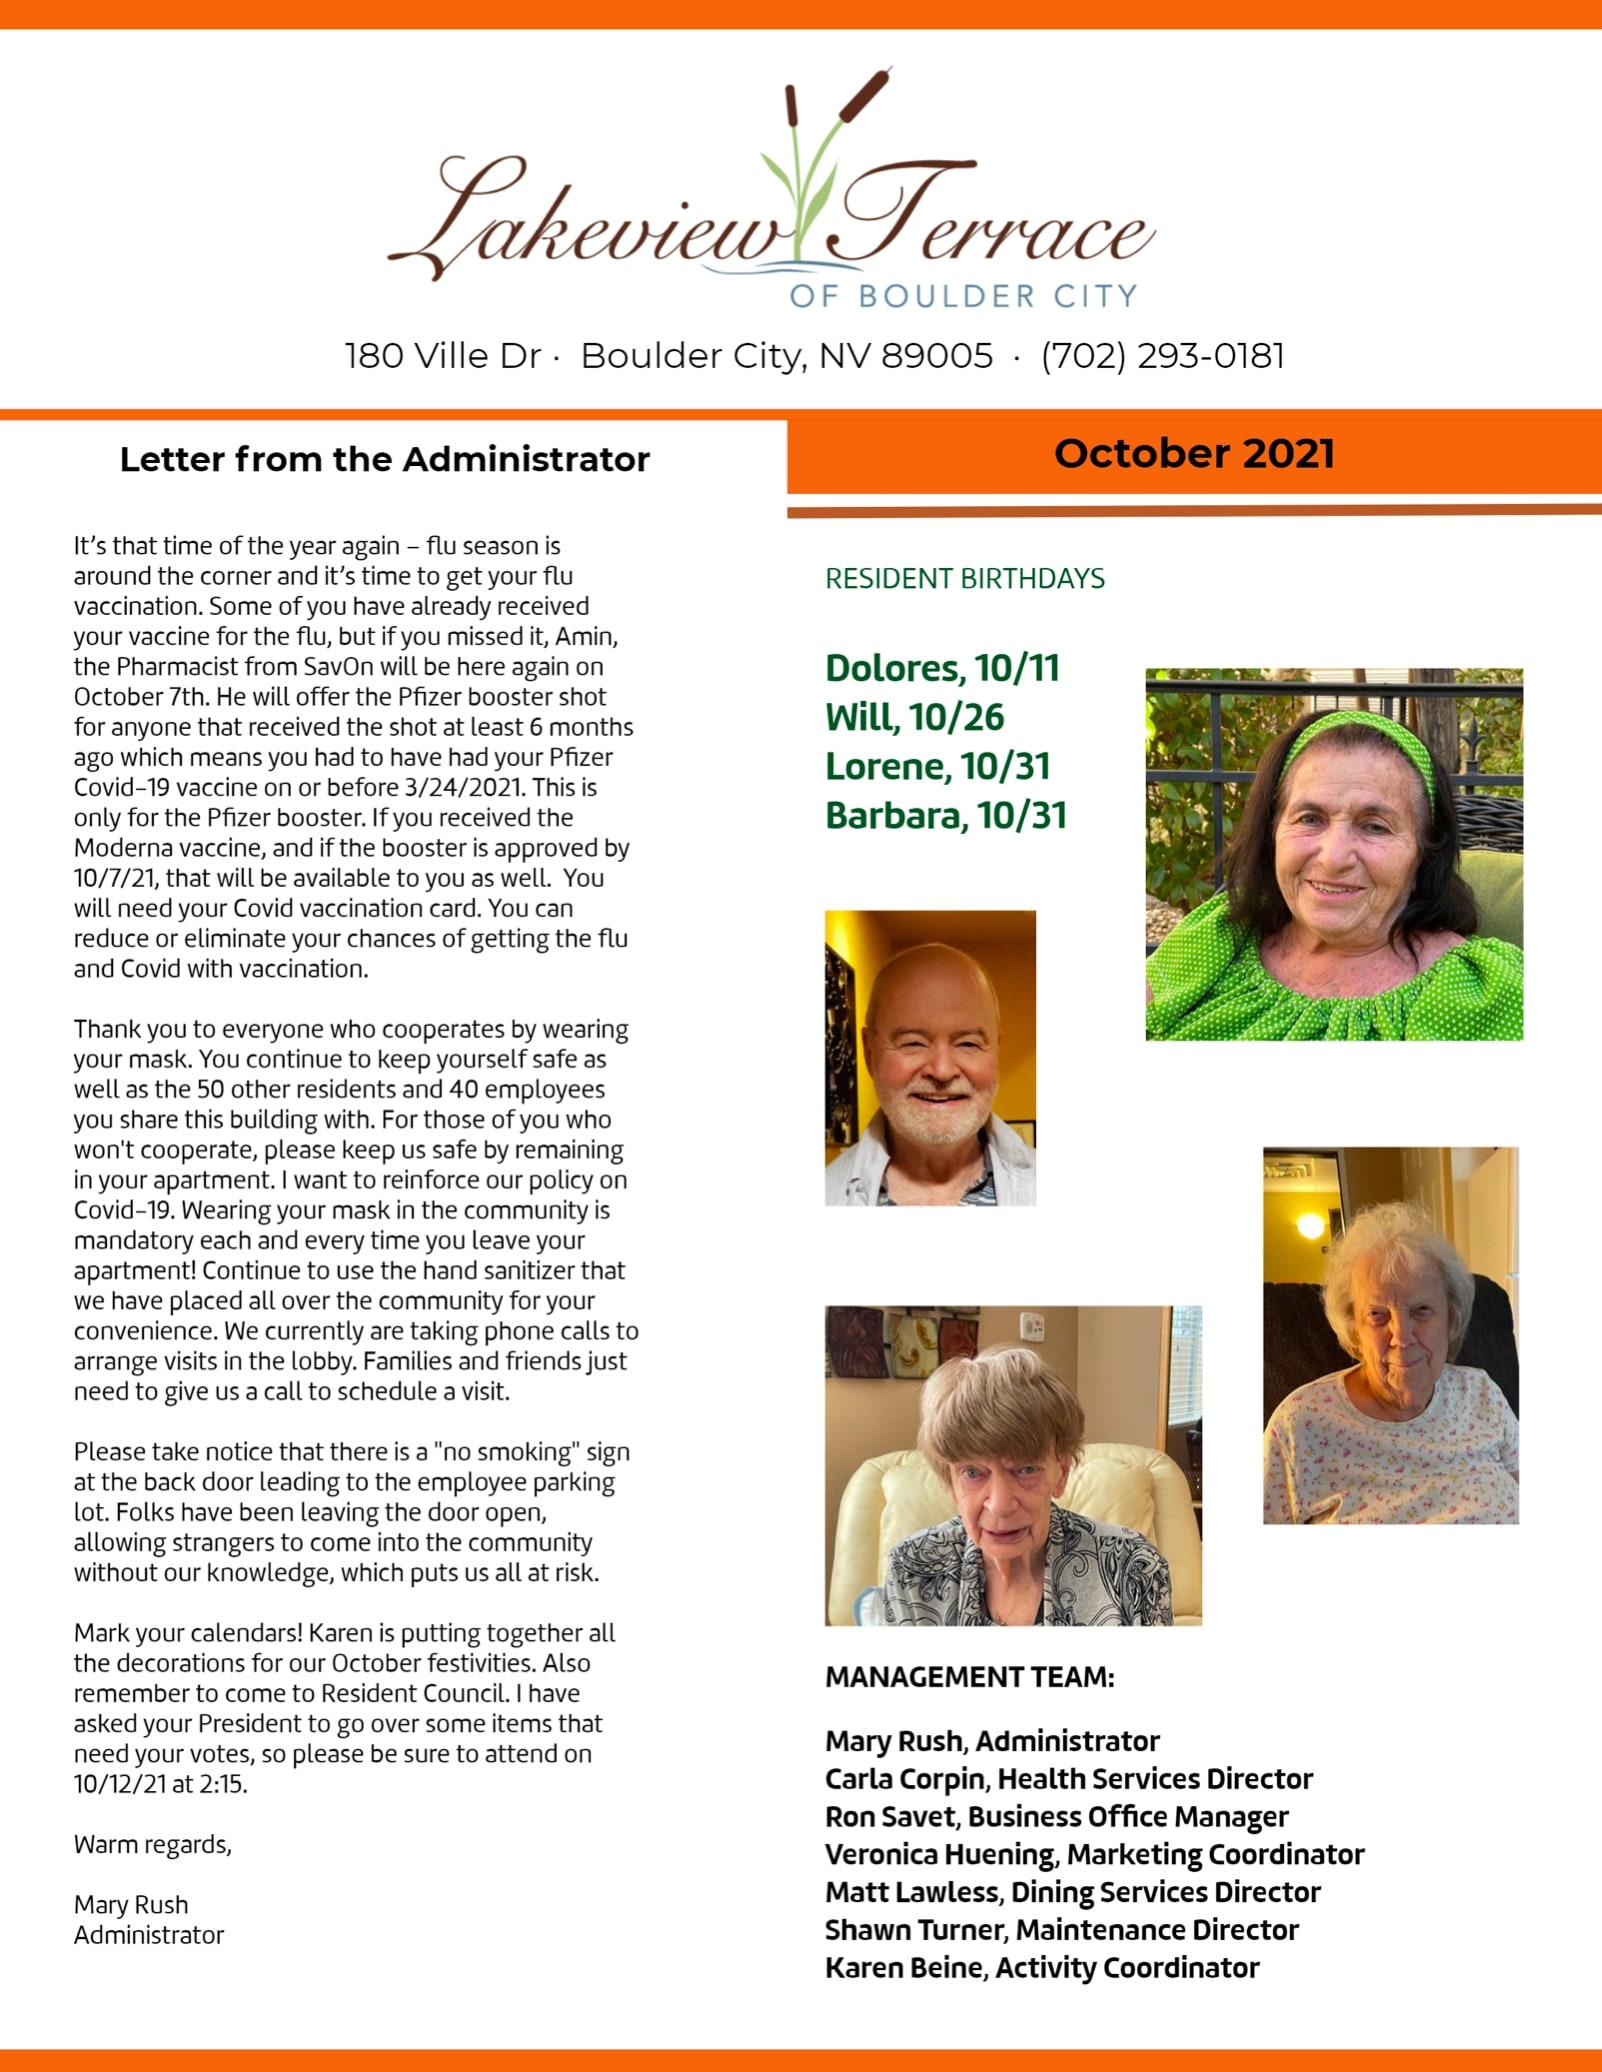 {{location_name}} September Newsletter 2021